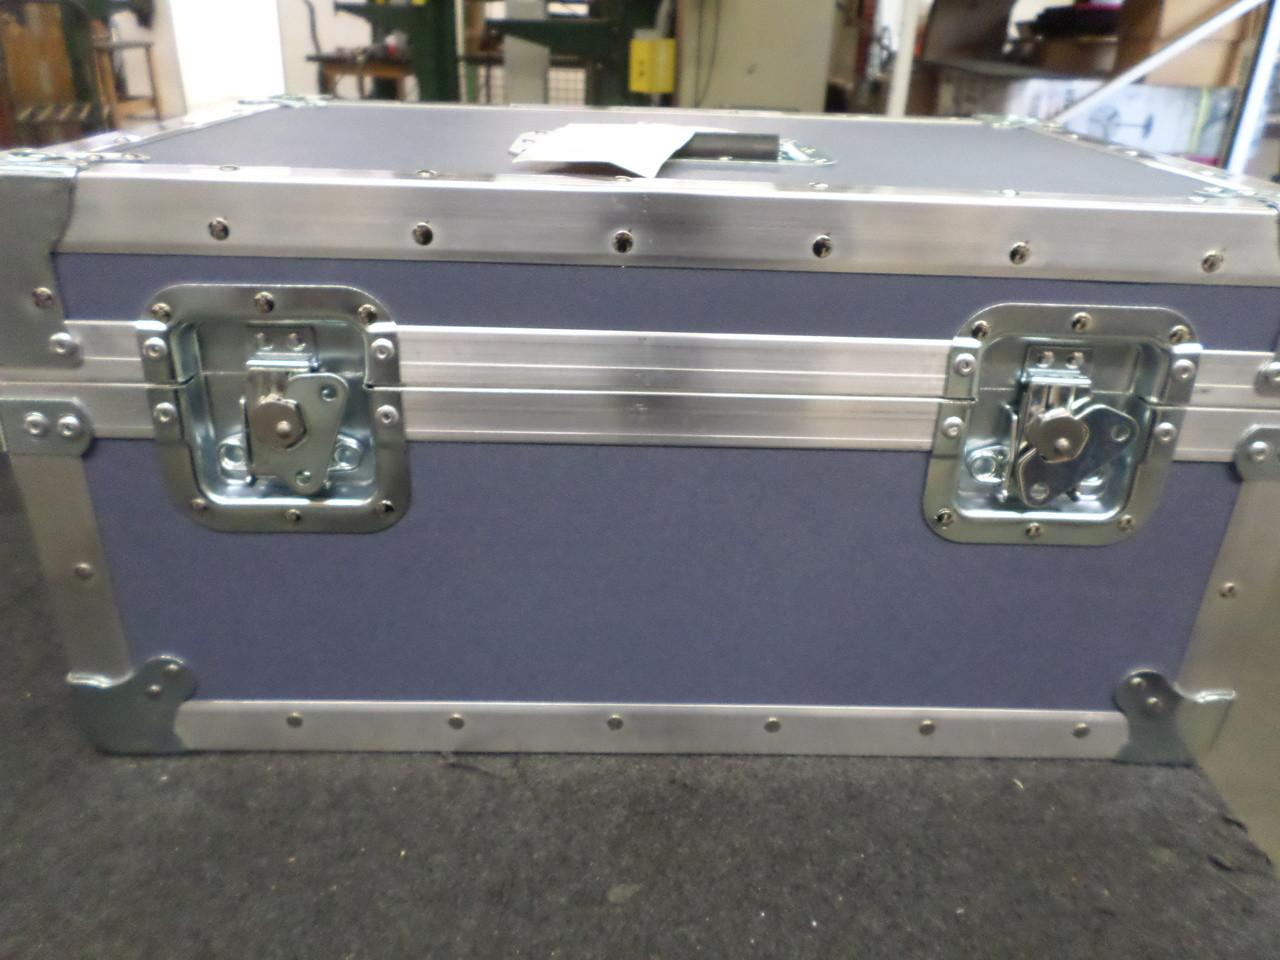 Cooke S7/i Full Frame Plus Primes T2.0 (40mm, 50mm, 75mm)